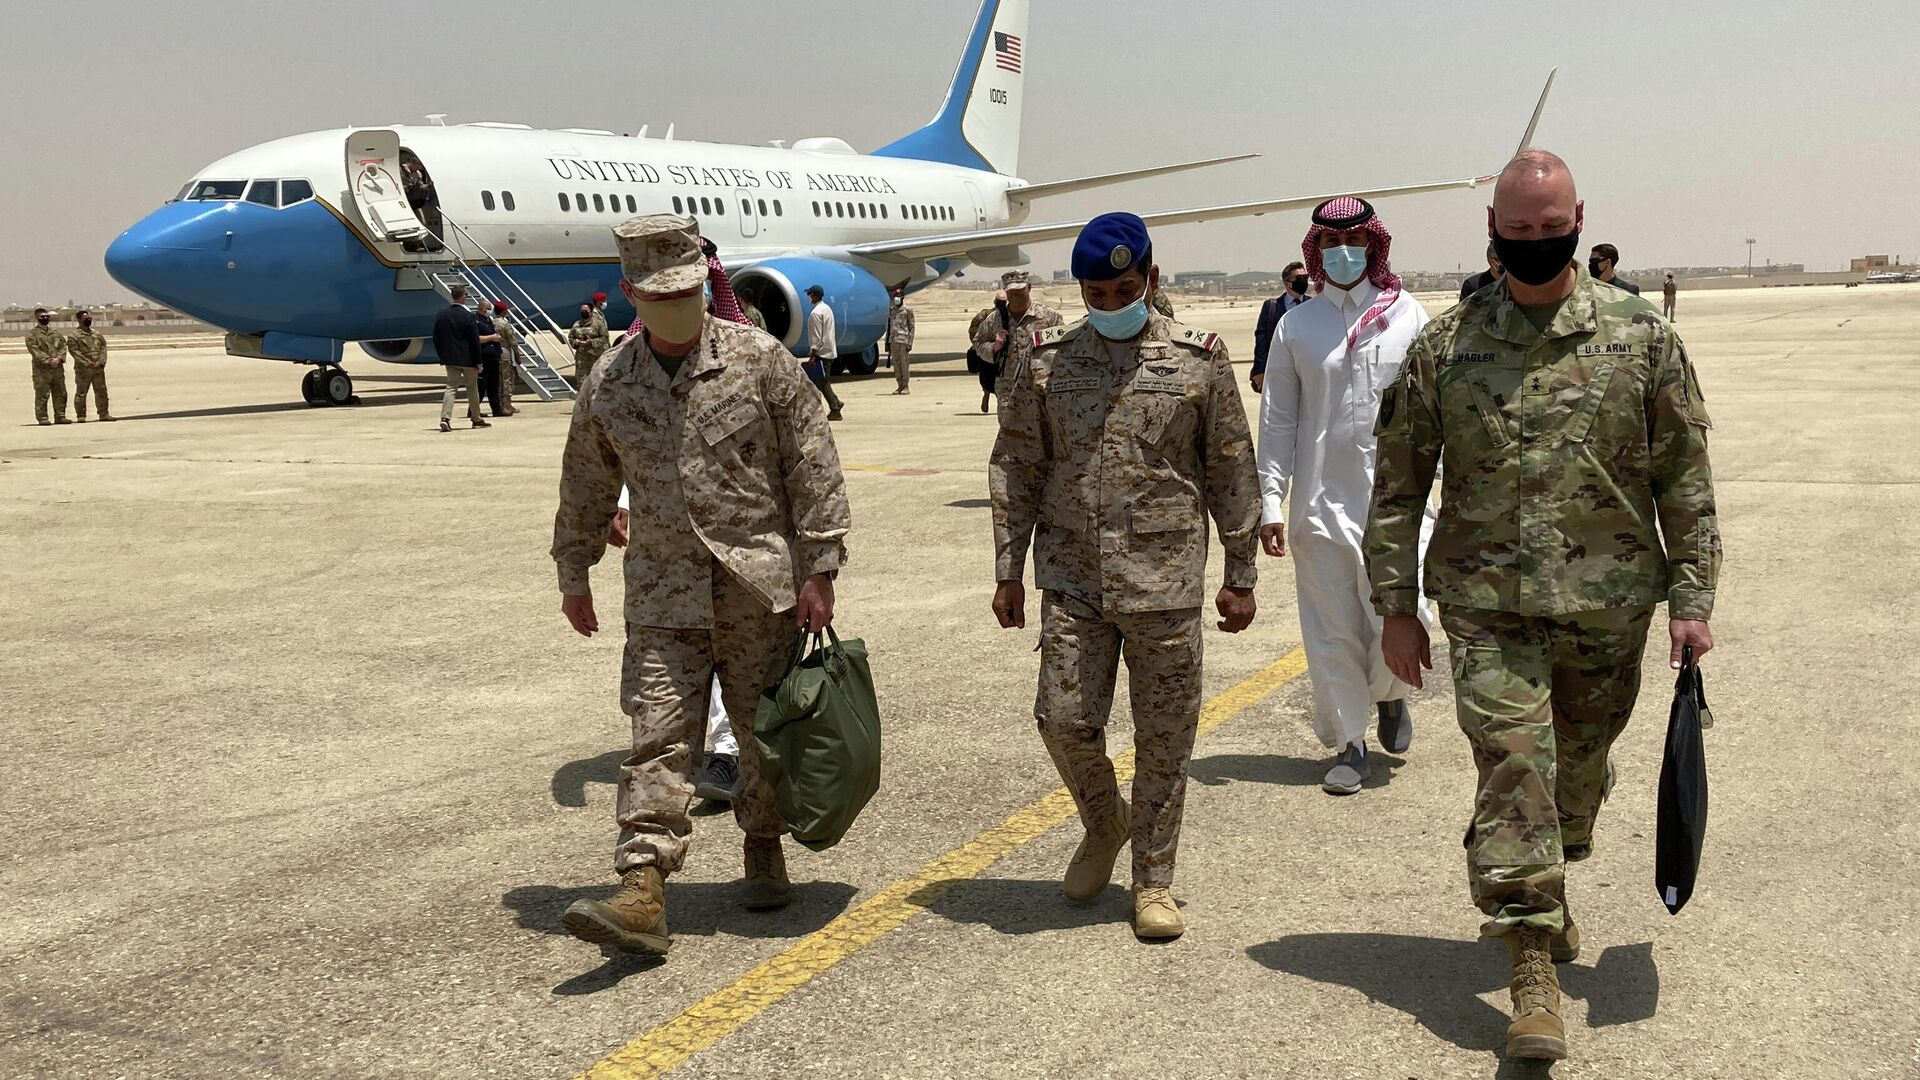 Глава Центрального командования США генерал Фрэнк Маккензи во время визита в Саудовскую Аравию - РИА Новости, 1920, 15.06.2021